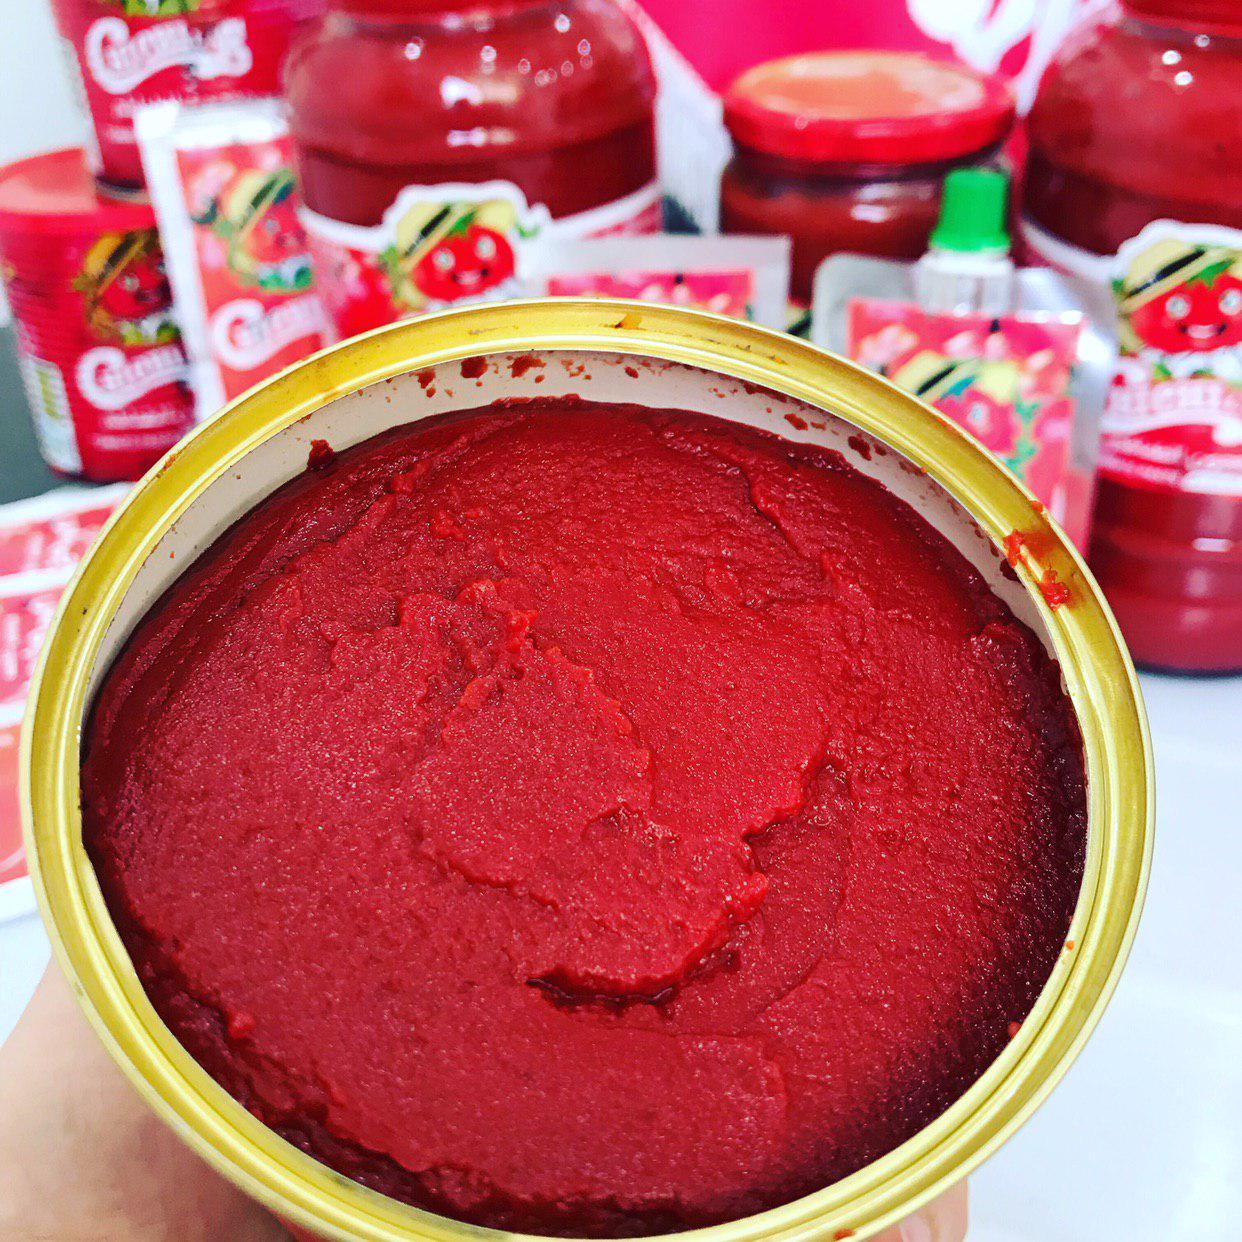 خرید رب گوجه فرنگی قوطی صادراتی